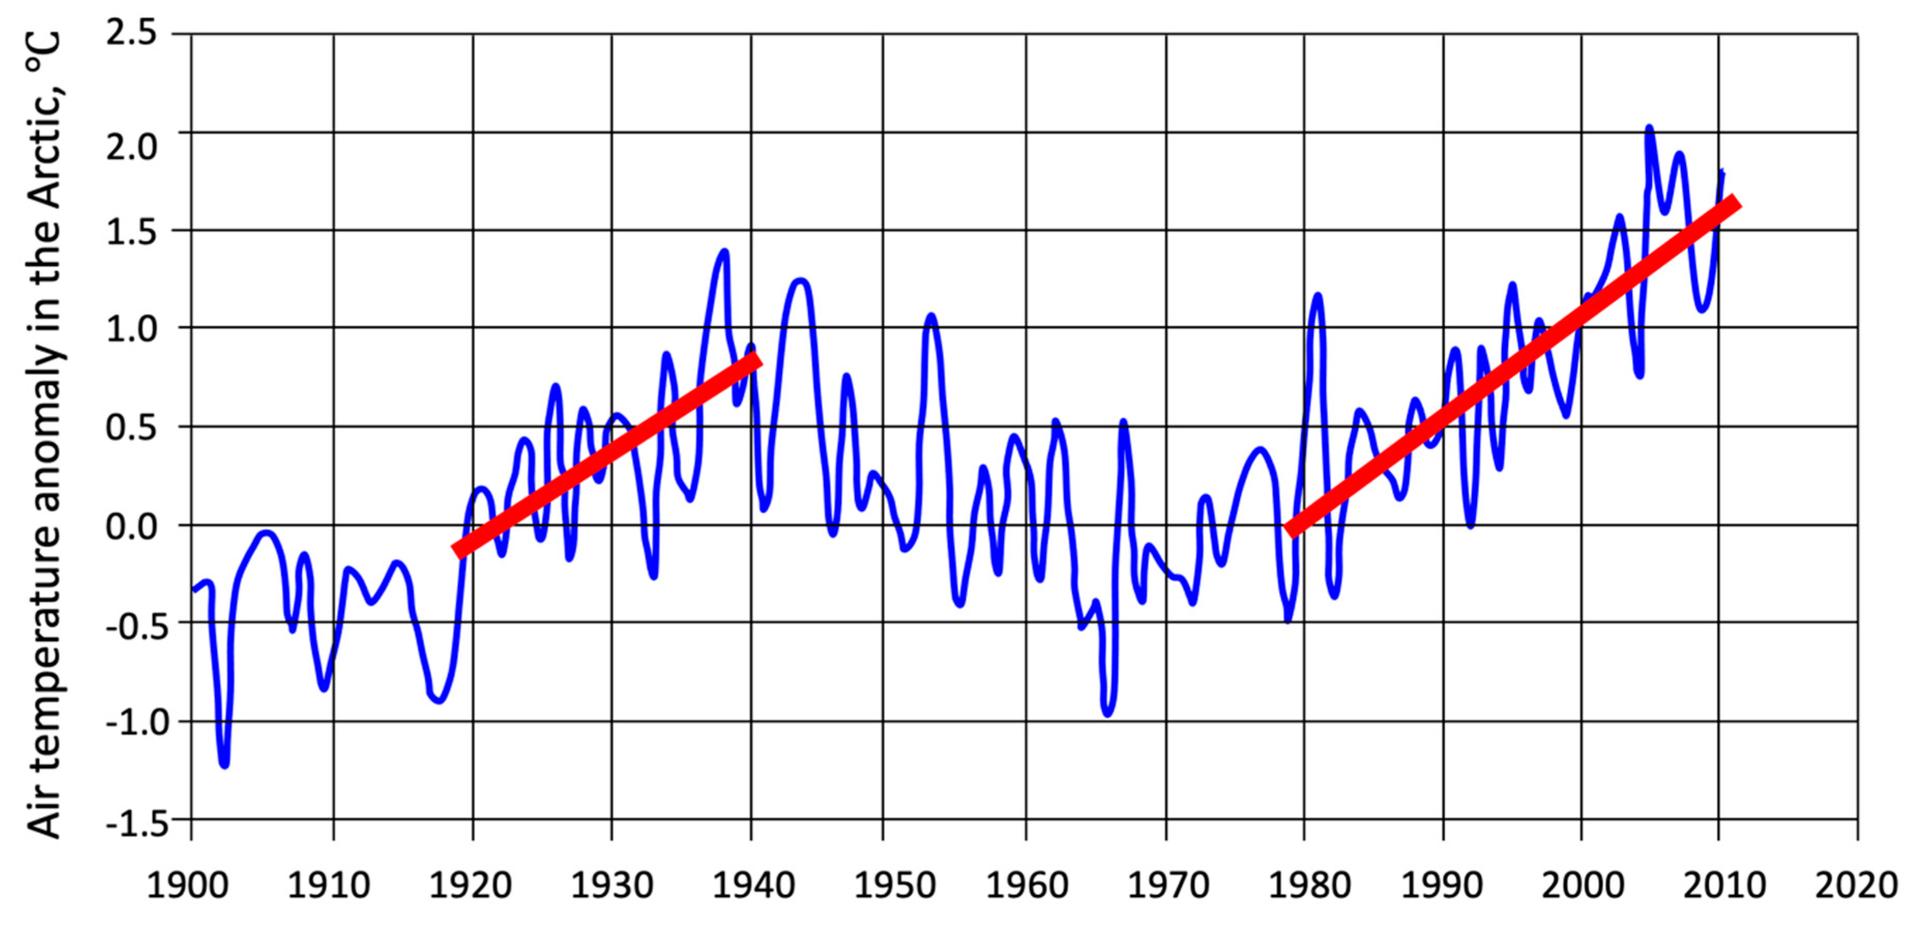 Arktikas transformācija rit pilnā sparā. Kāpēc ziemeļos kļūst siltāks - Sputnik Latvija, 1920, 28.03.2021